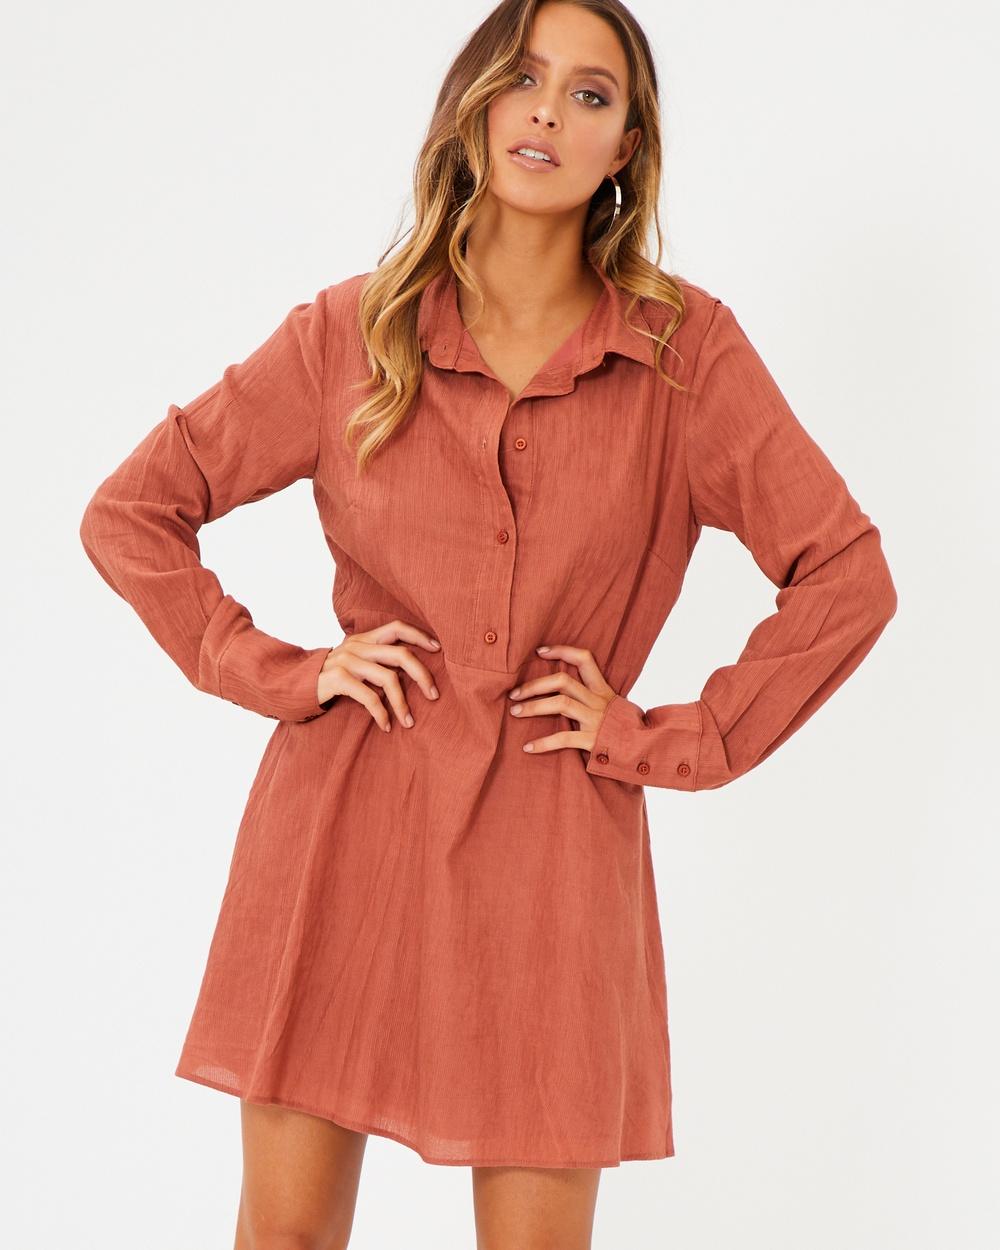 Calli Ashton Dress Dresses Blush Ashton Dress